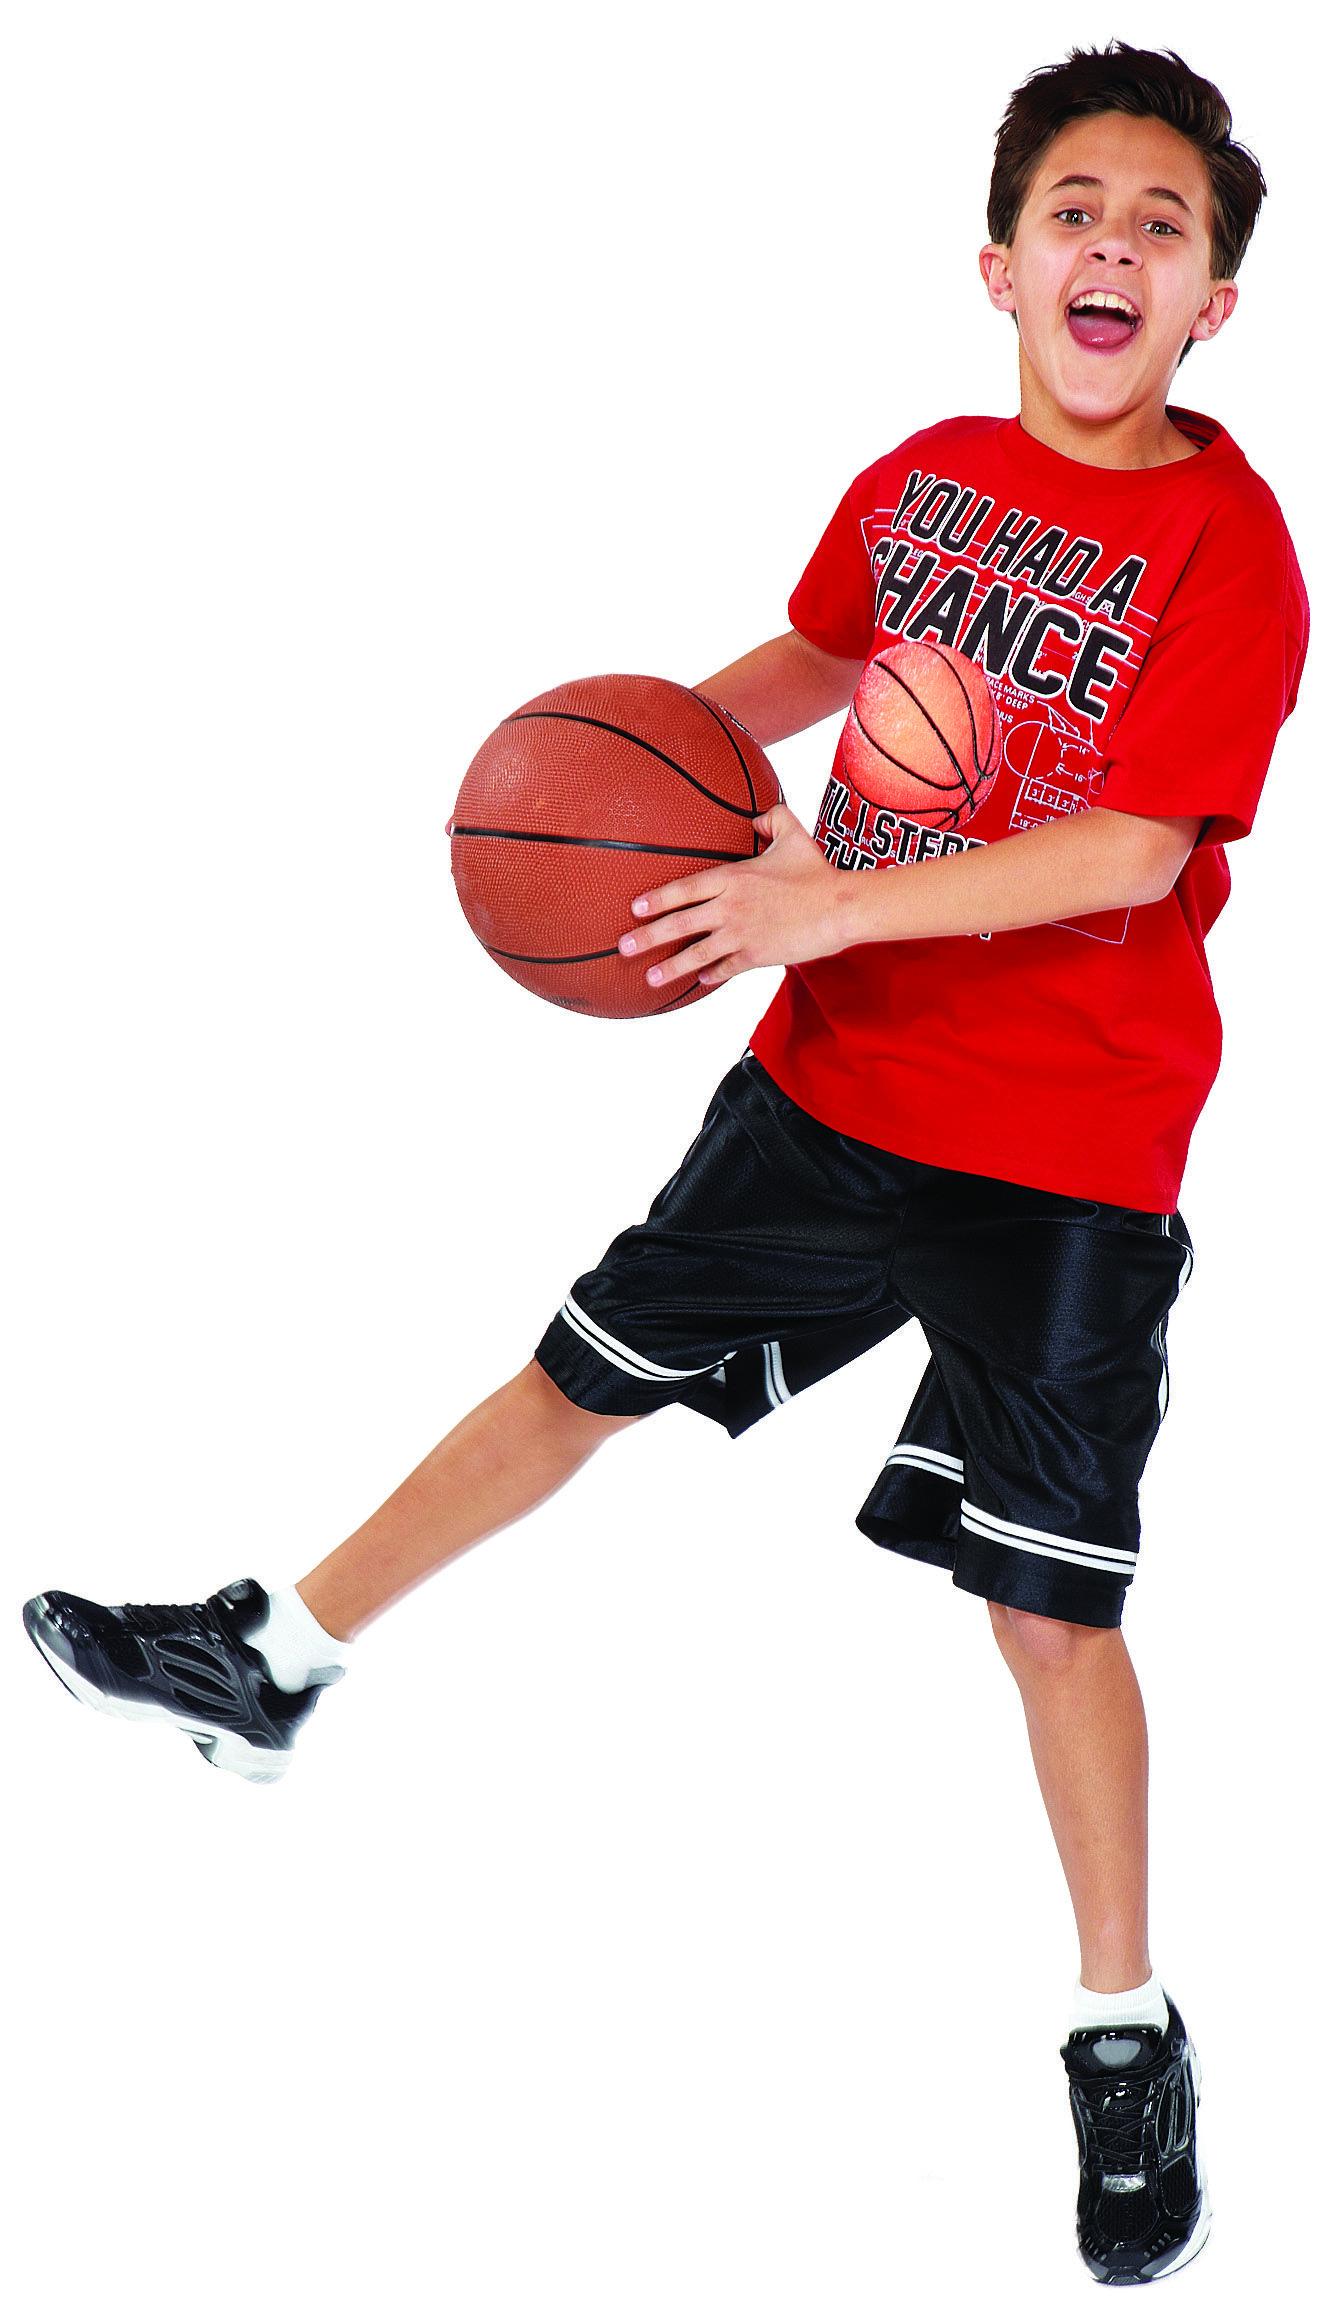 Active wear Kids Activity Apparel Burlington store